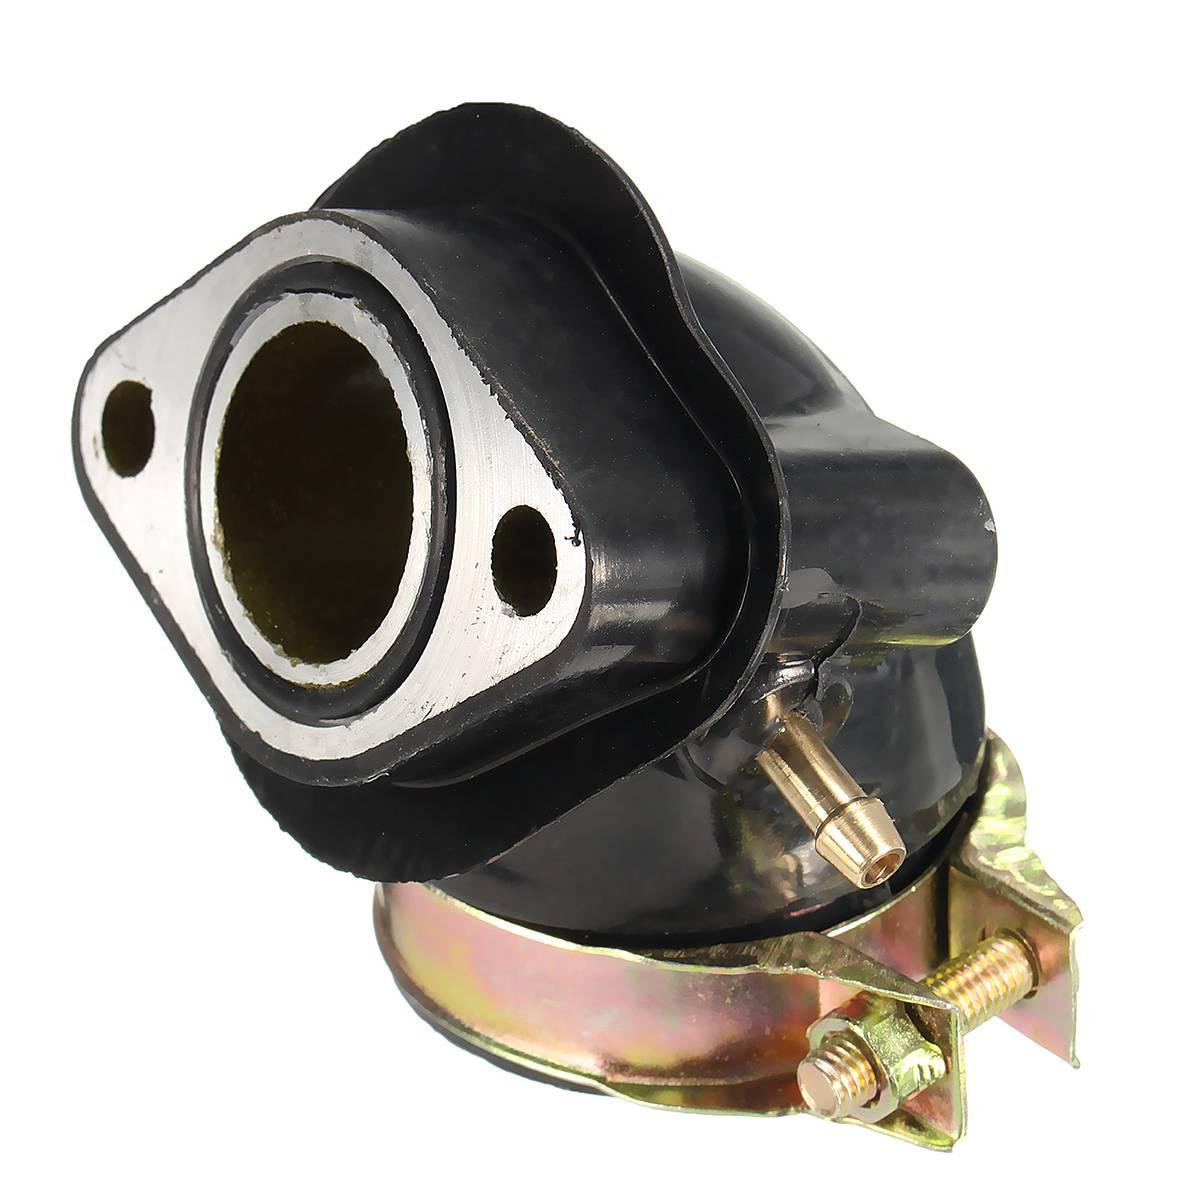 Новинка, алюминиевая и резиновая трубка для впускного коллектора GY6 125cc 150cc, запчасти для мопедов, скутеров, квадроциклов, карт, двигателей GY6